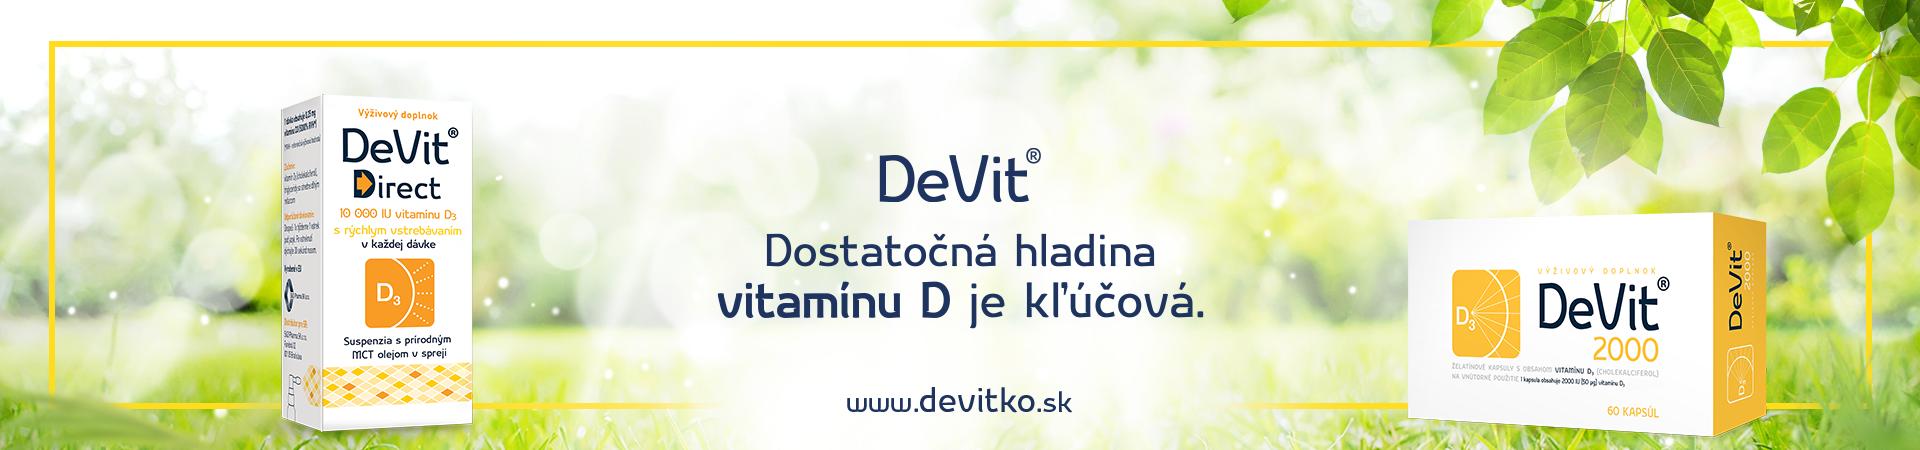 Devit-ban-1920x450